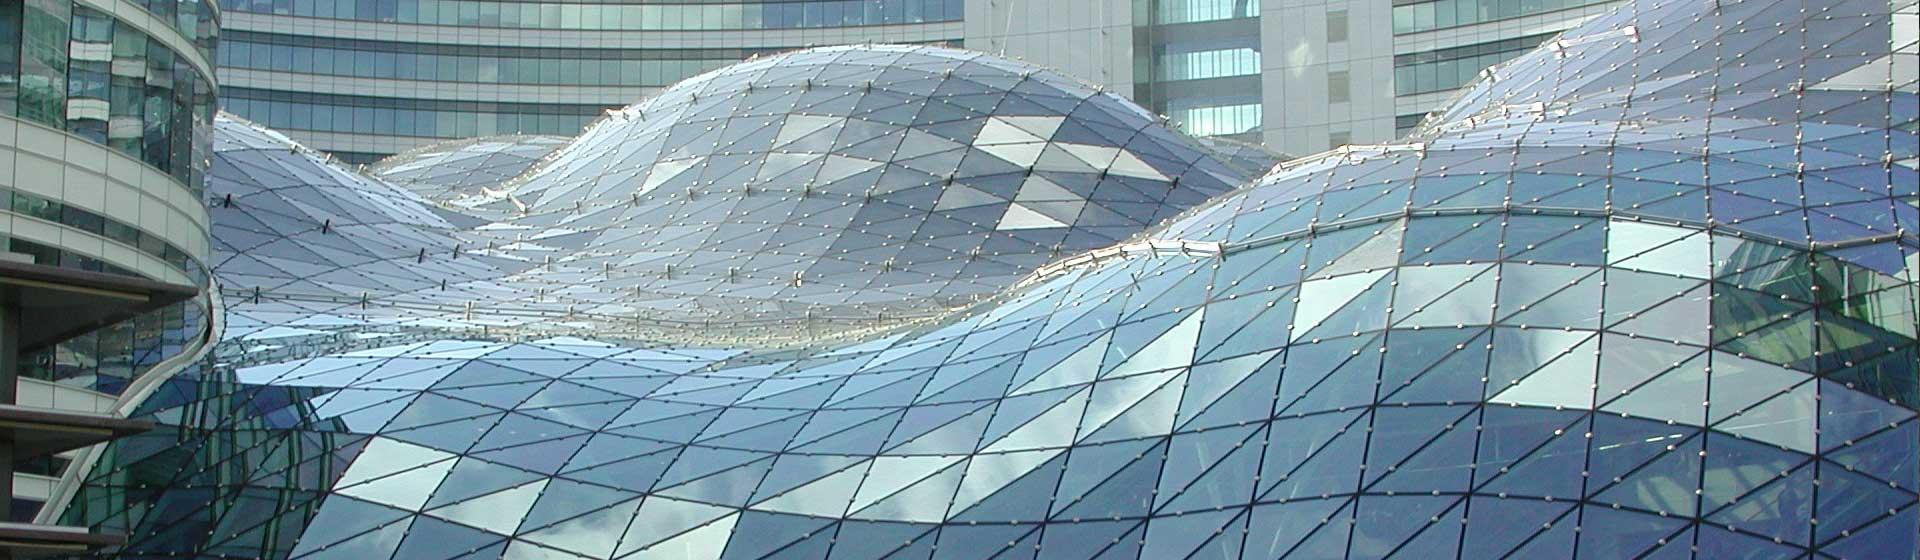 commercial-atriums